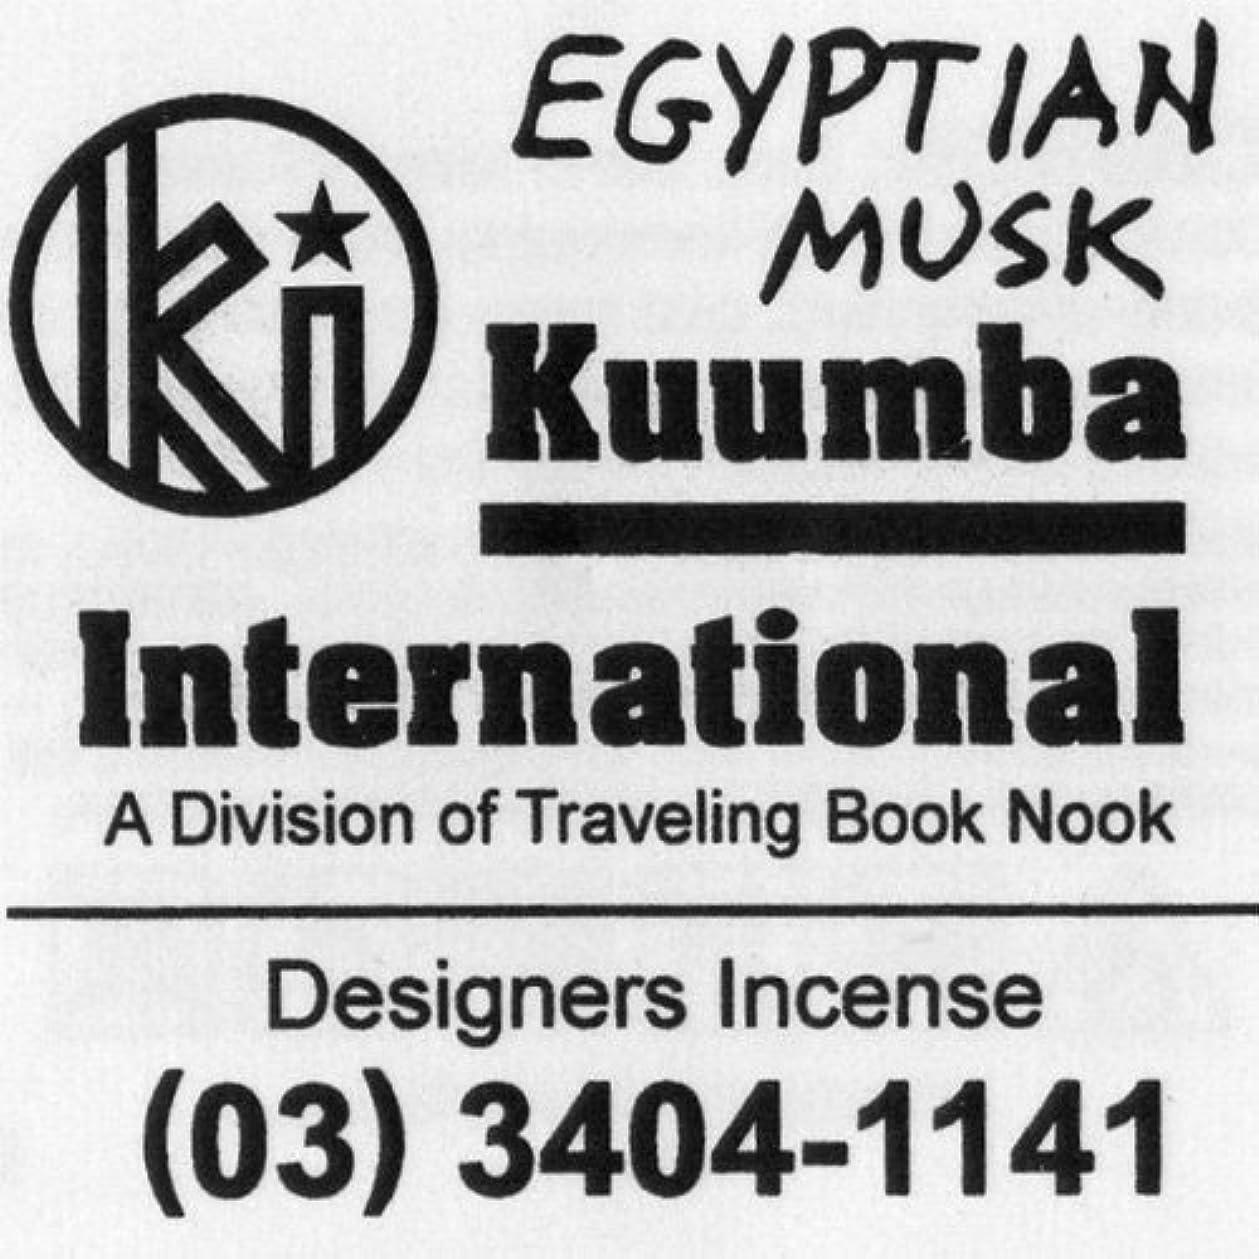 肺炎委任するバリケードKUUMBA / クンバ『incense』(EGYPTIAN MUSK) (Regular size)